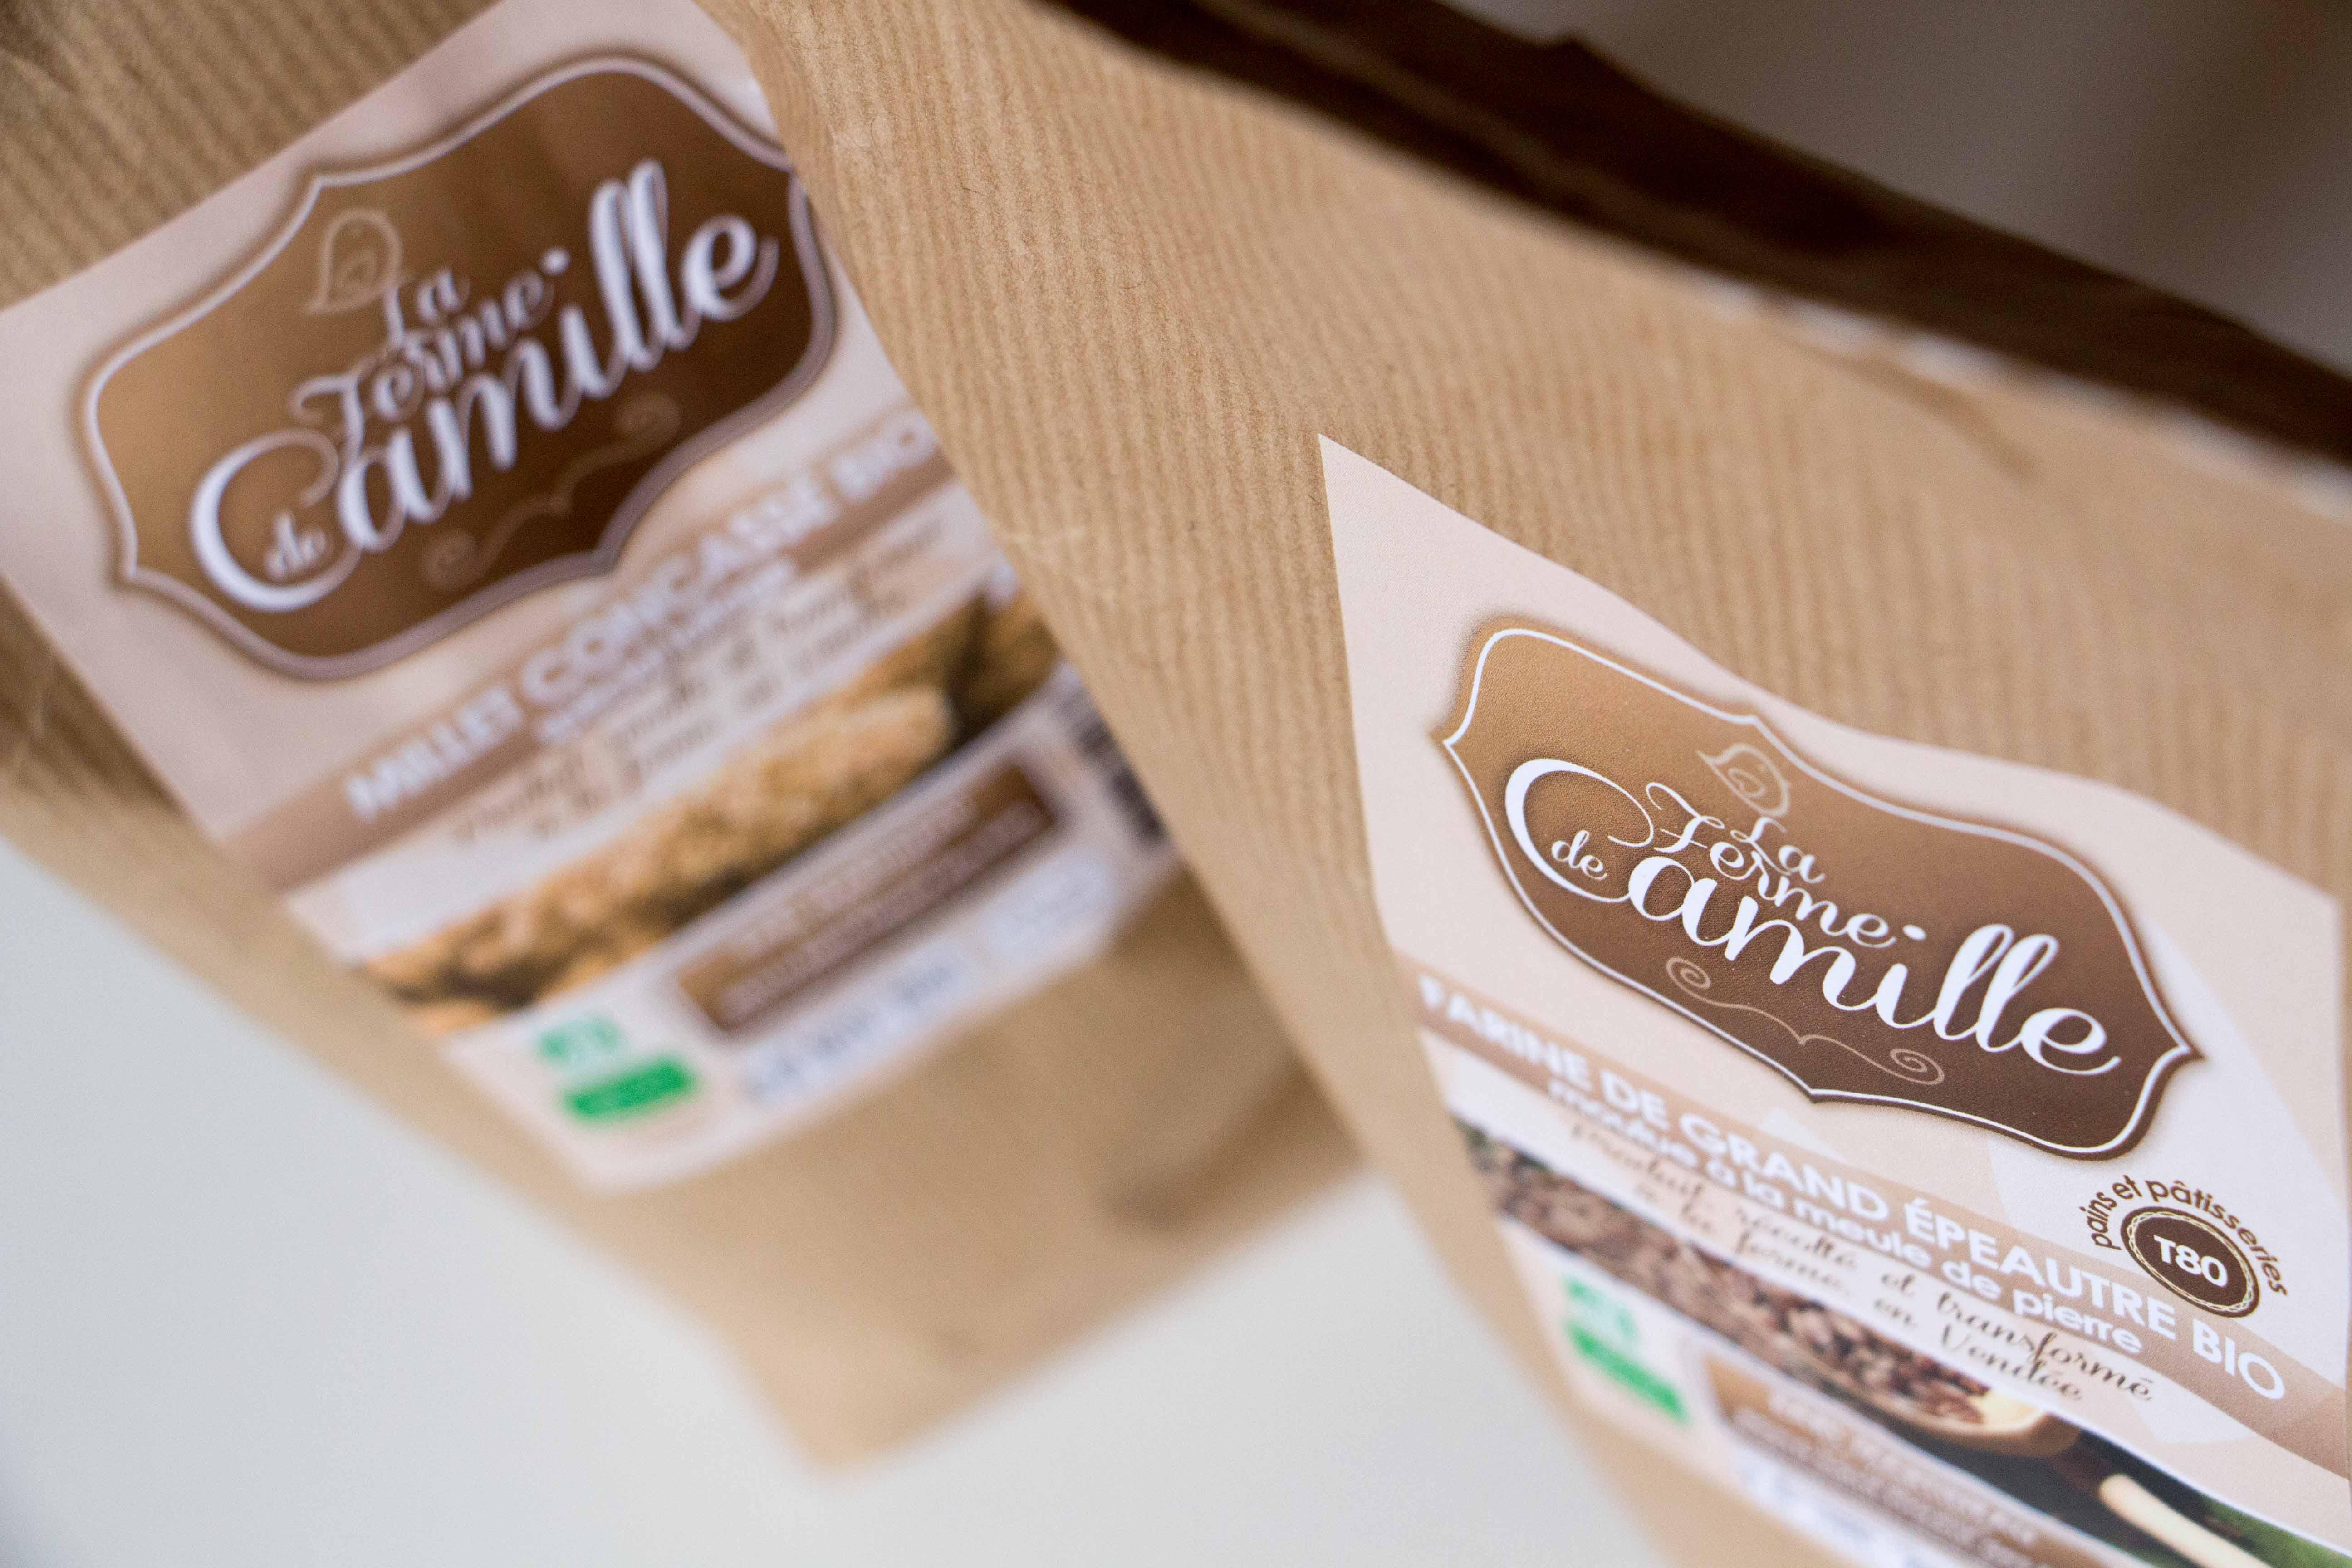 Identité visuelle et packaging